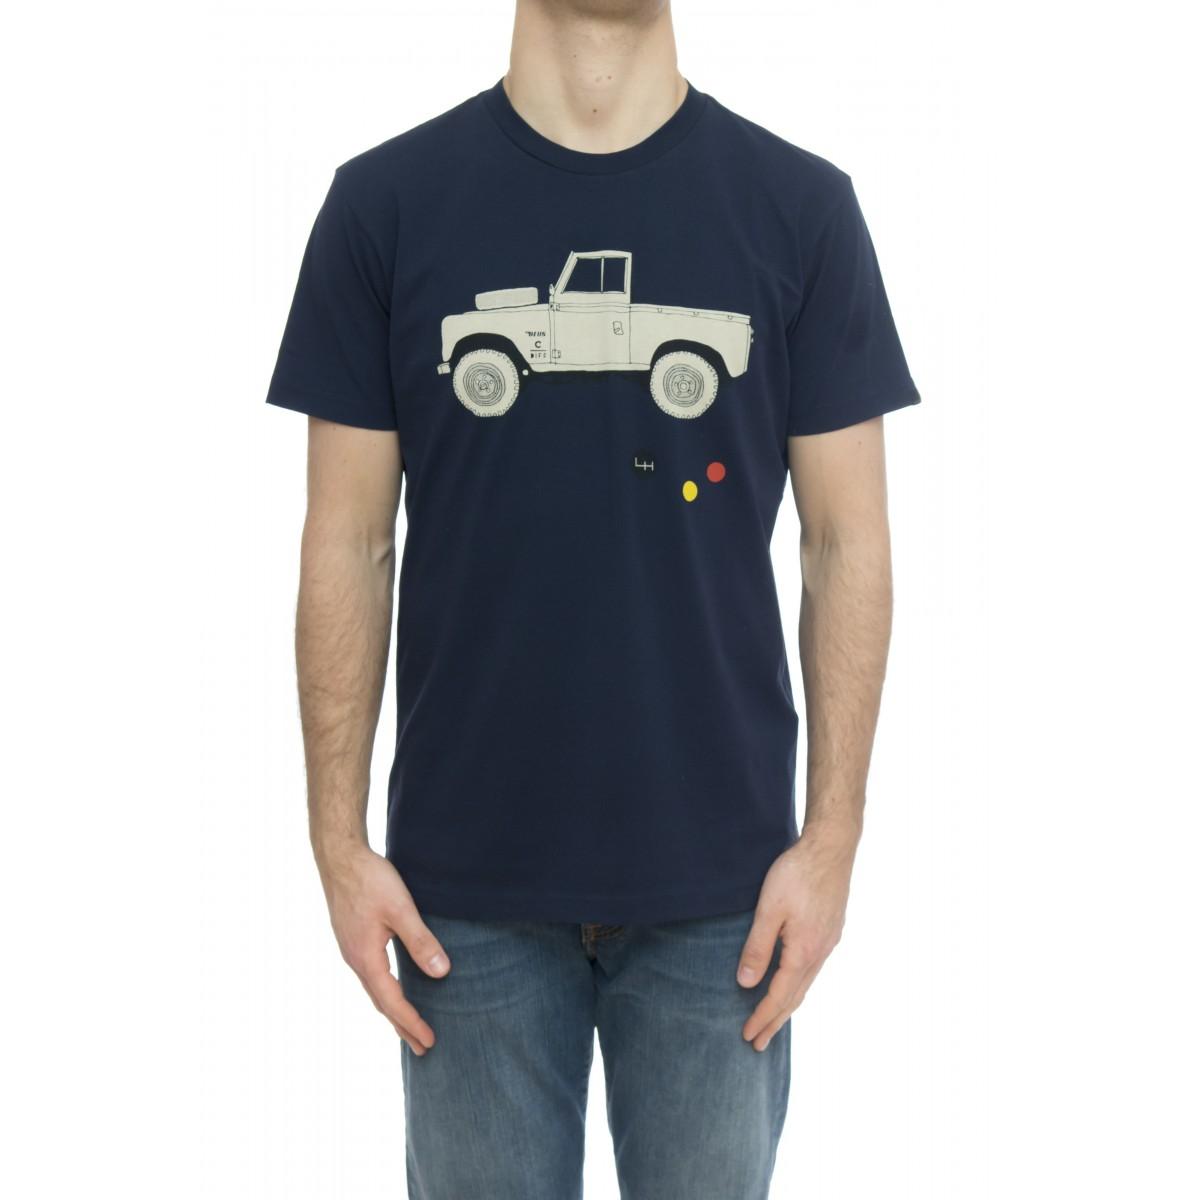 T-shirt - Tee0364